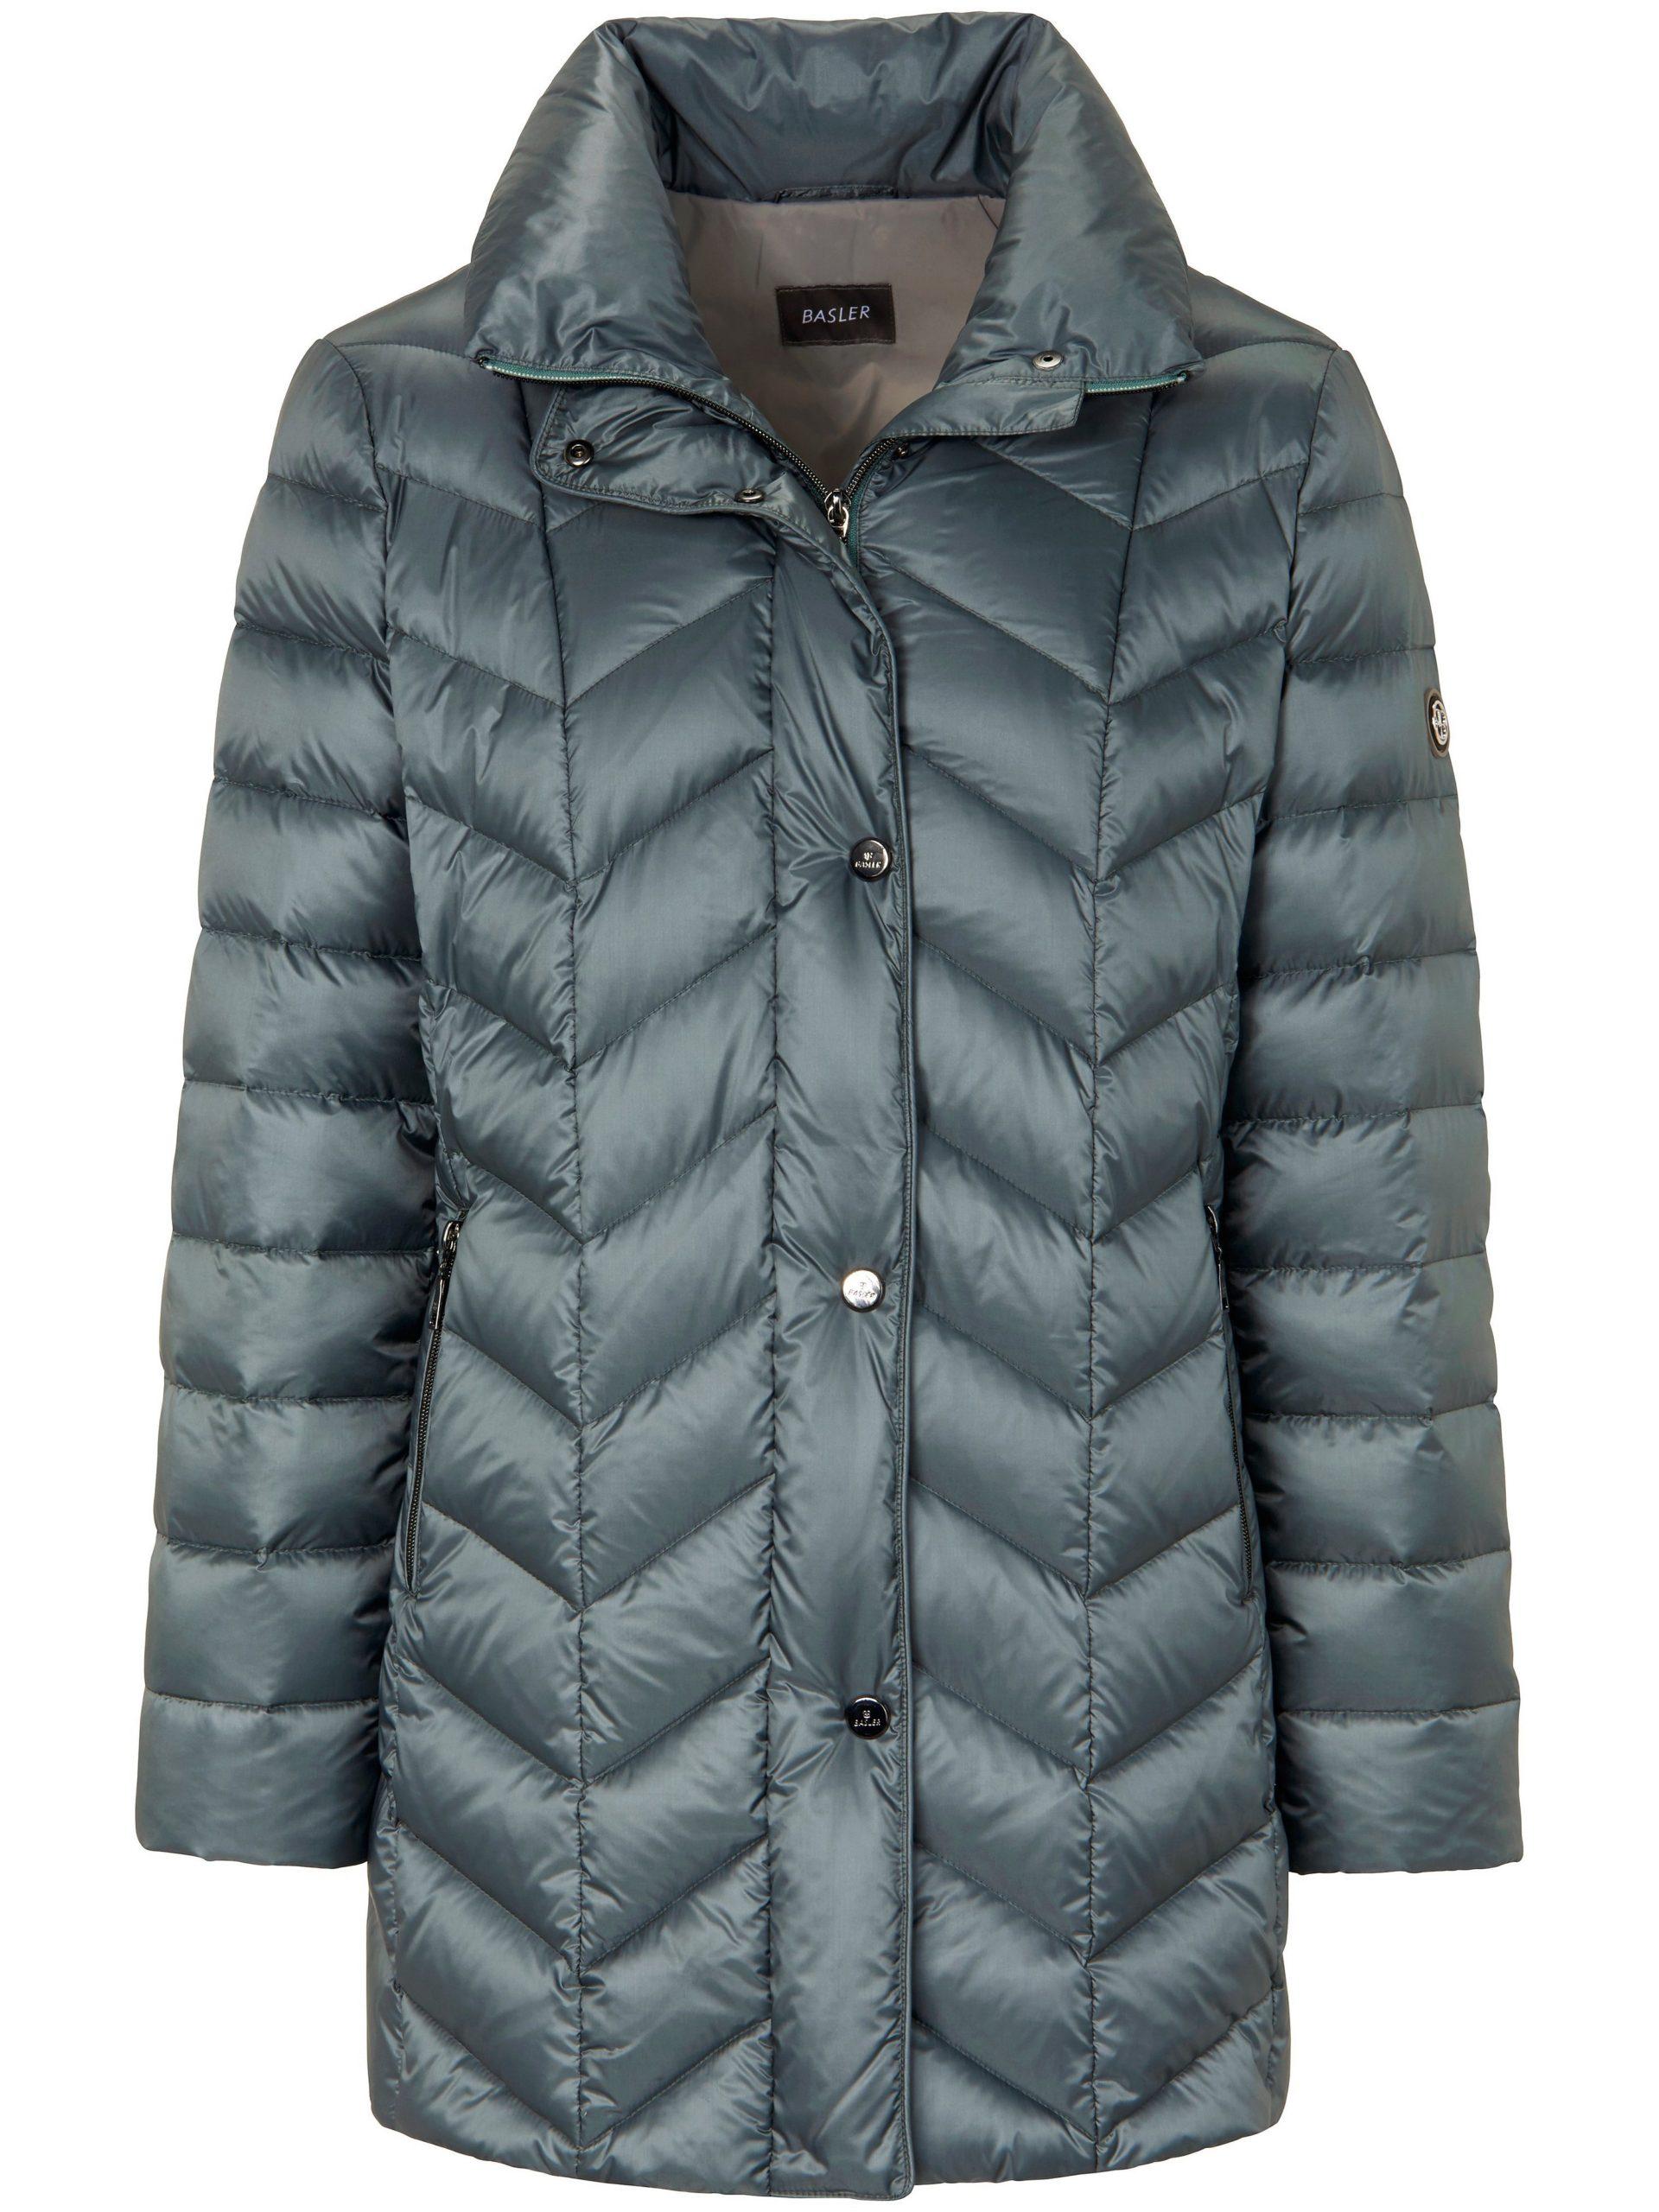 Gewatteerde donzen jas Van Basler blauw Kopen